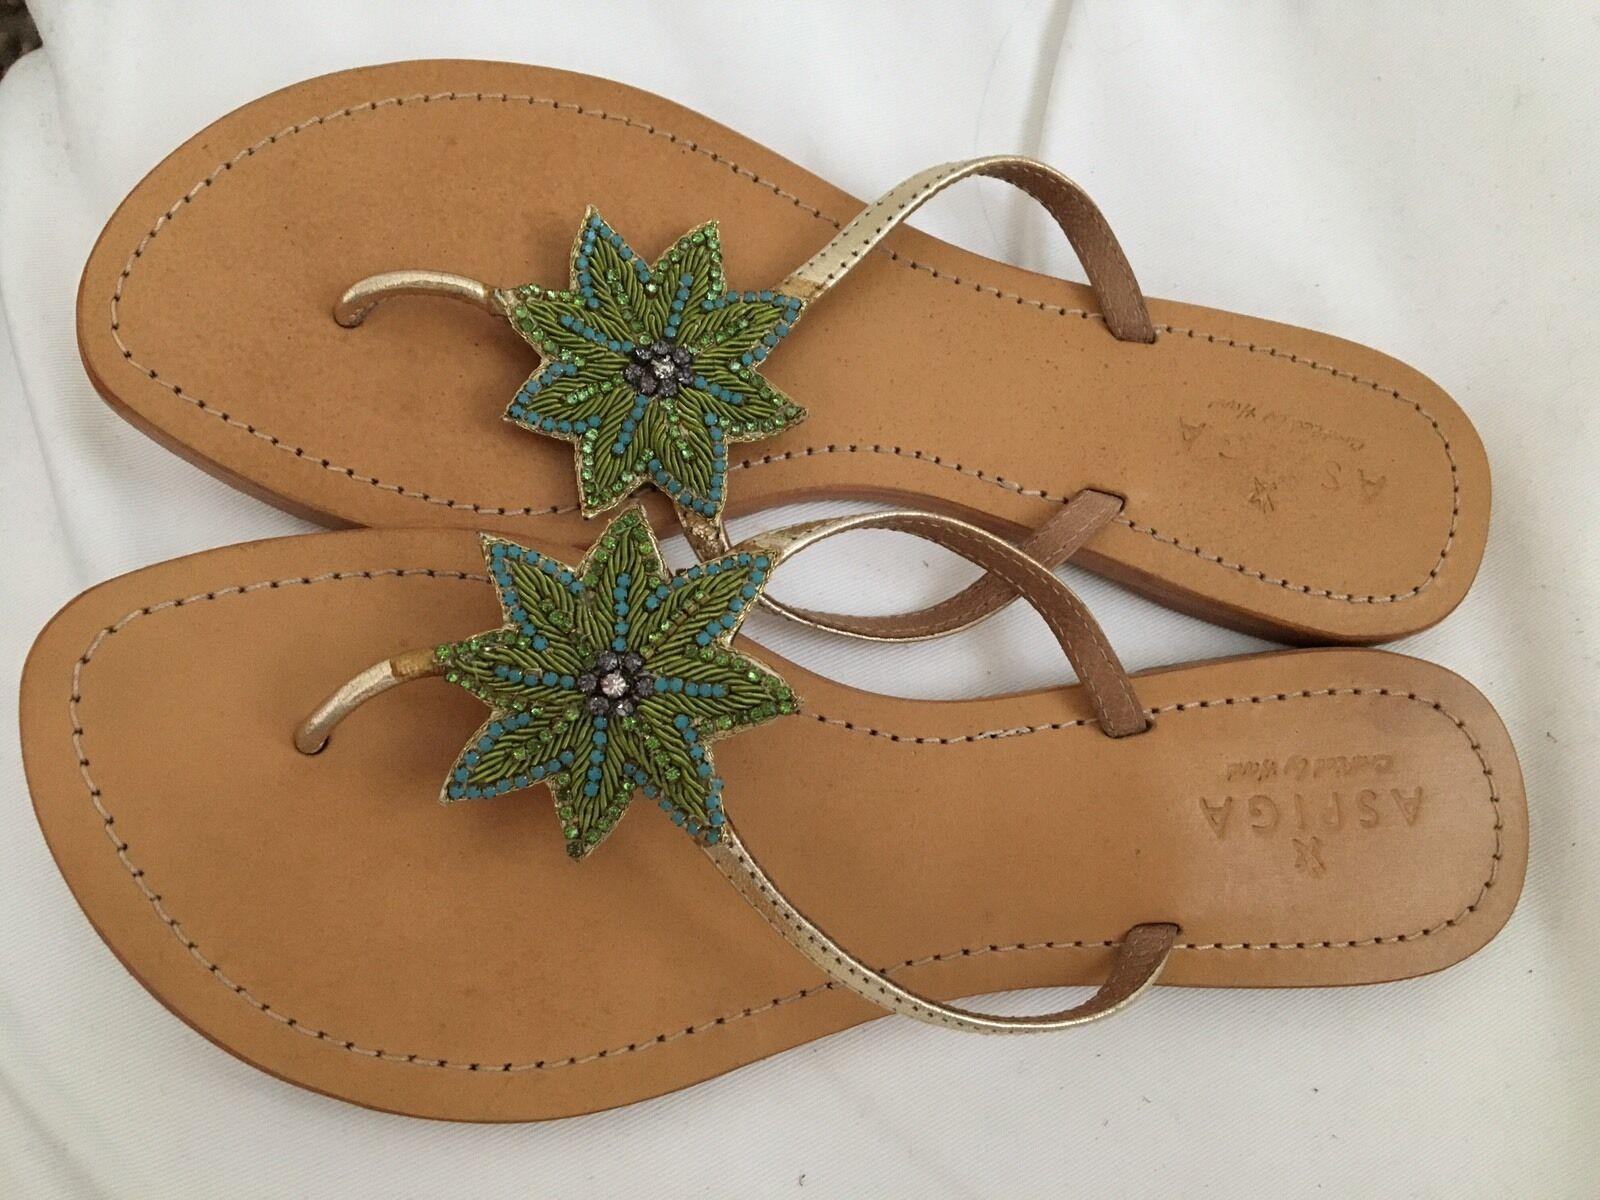 Aspiga Sandale Handgemacht Ungetragen Gr.40 Boho Style Neupreis